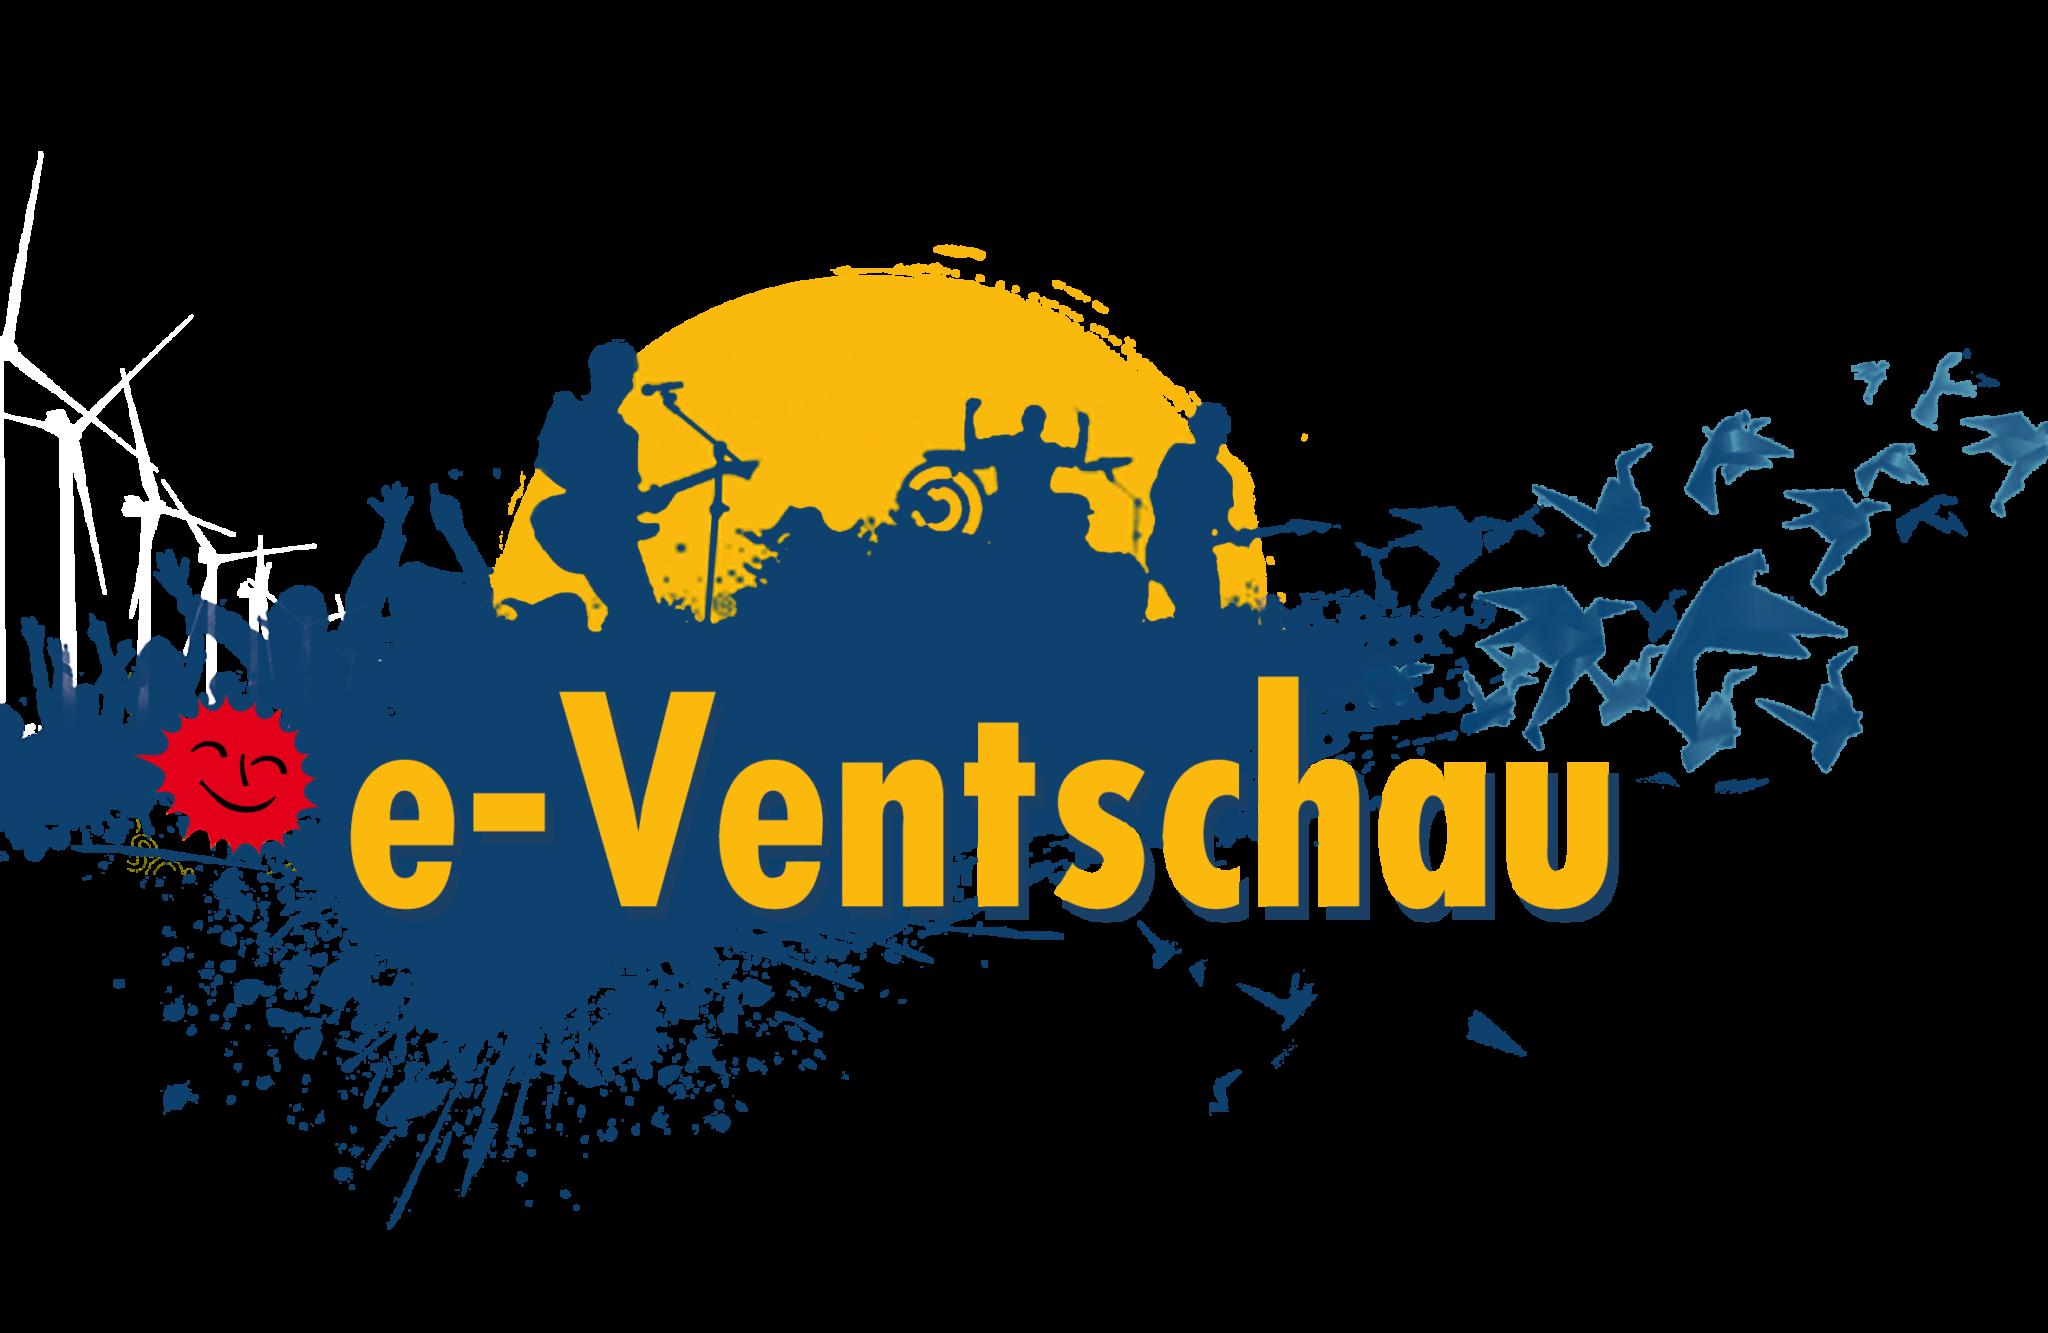 e-Ventschau